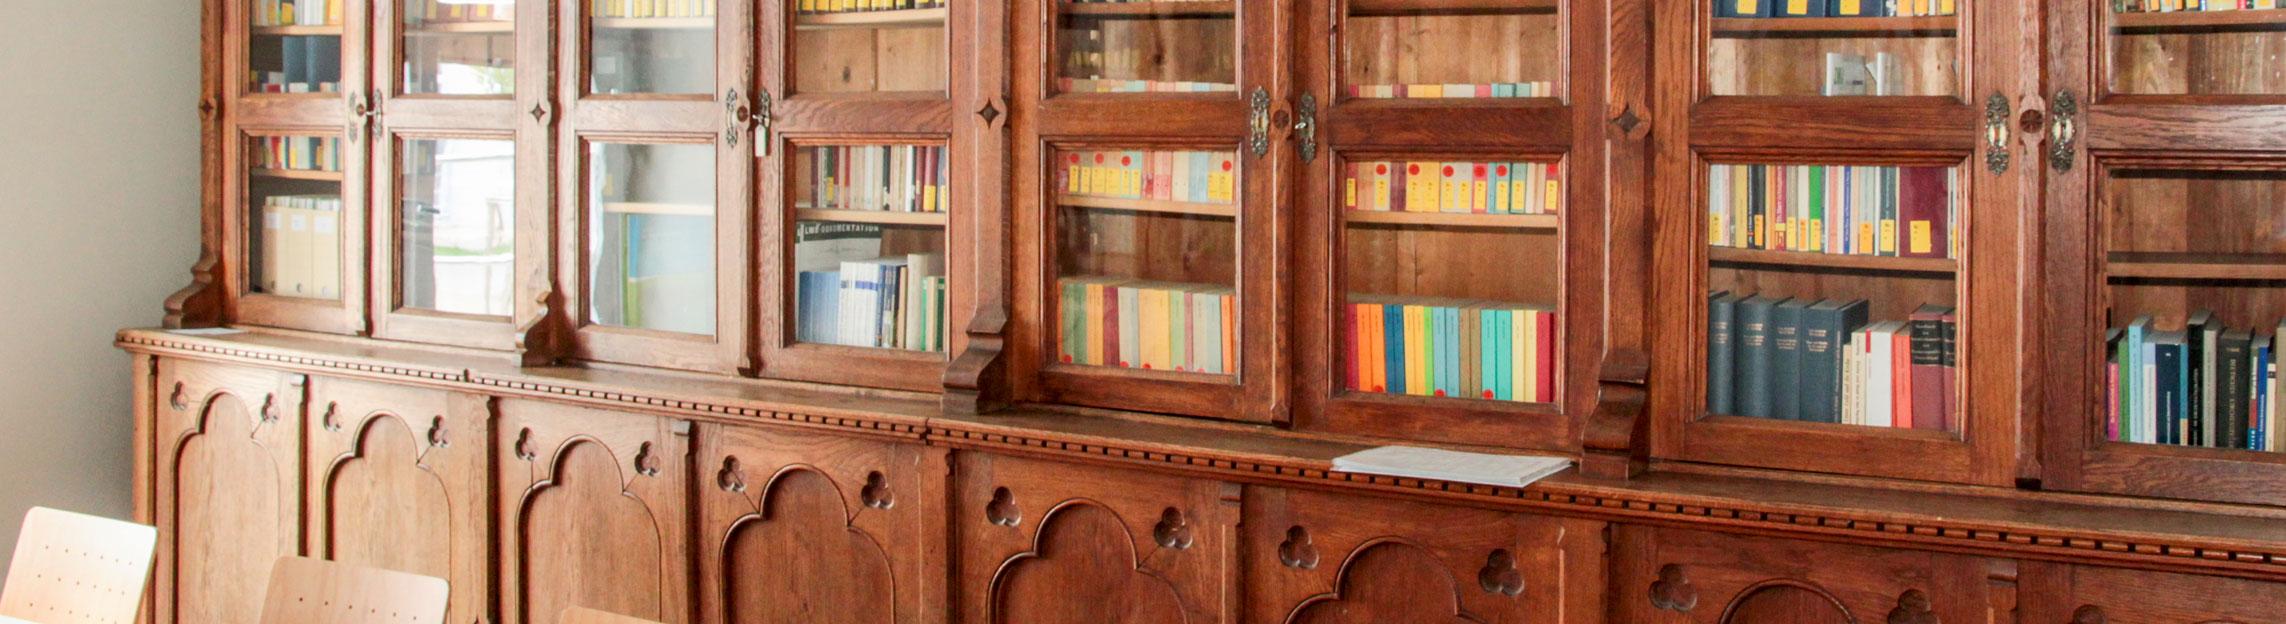 Bibliothek Evangelisches Studienseminar Hofgeismar Ausbildung